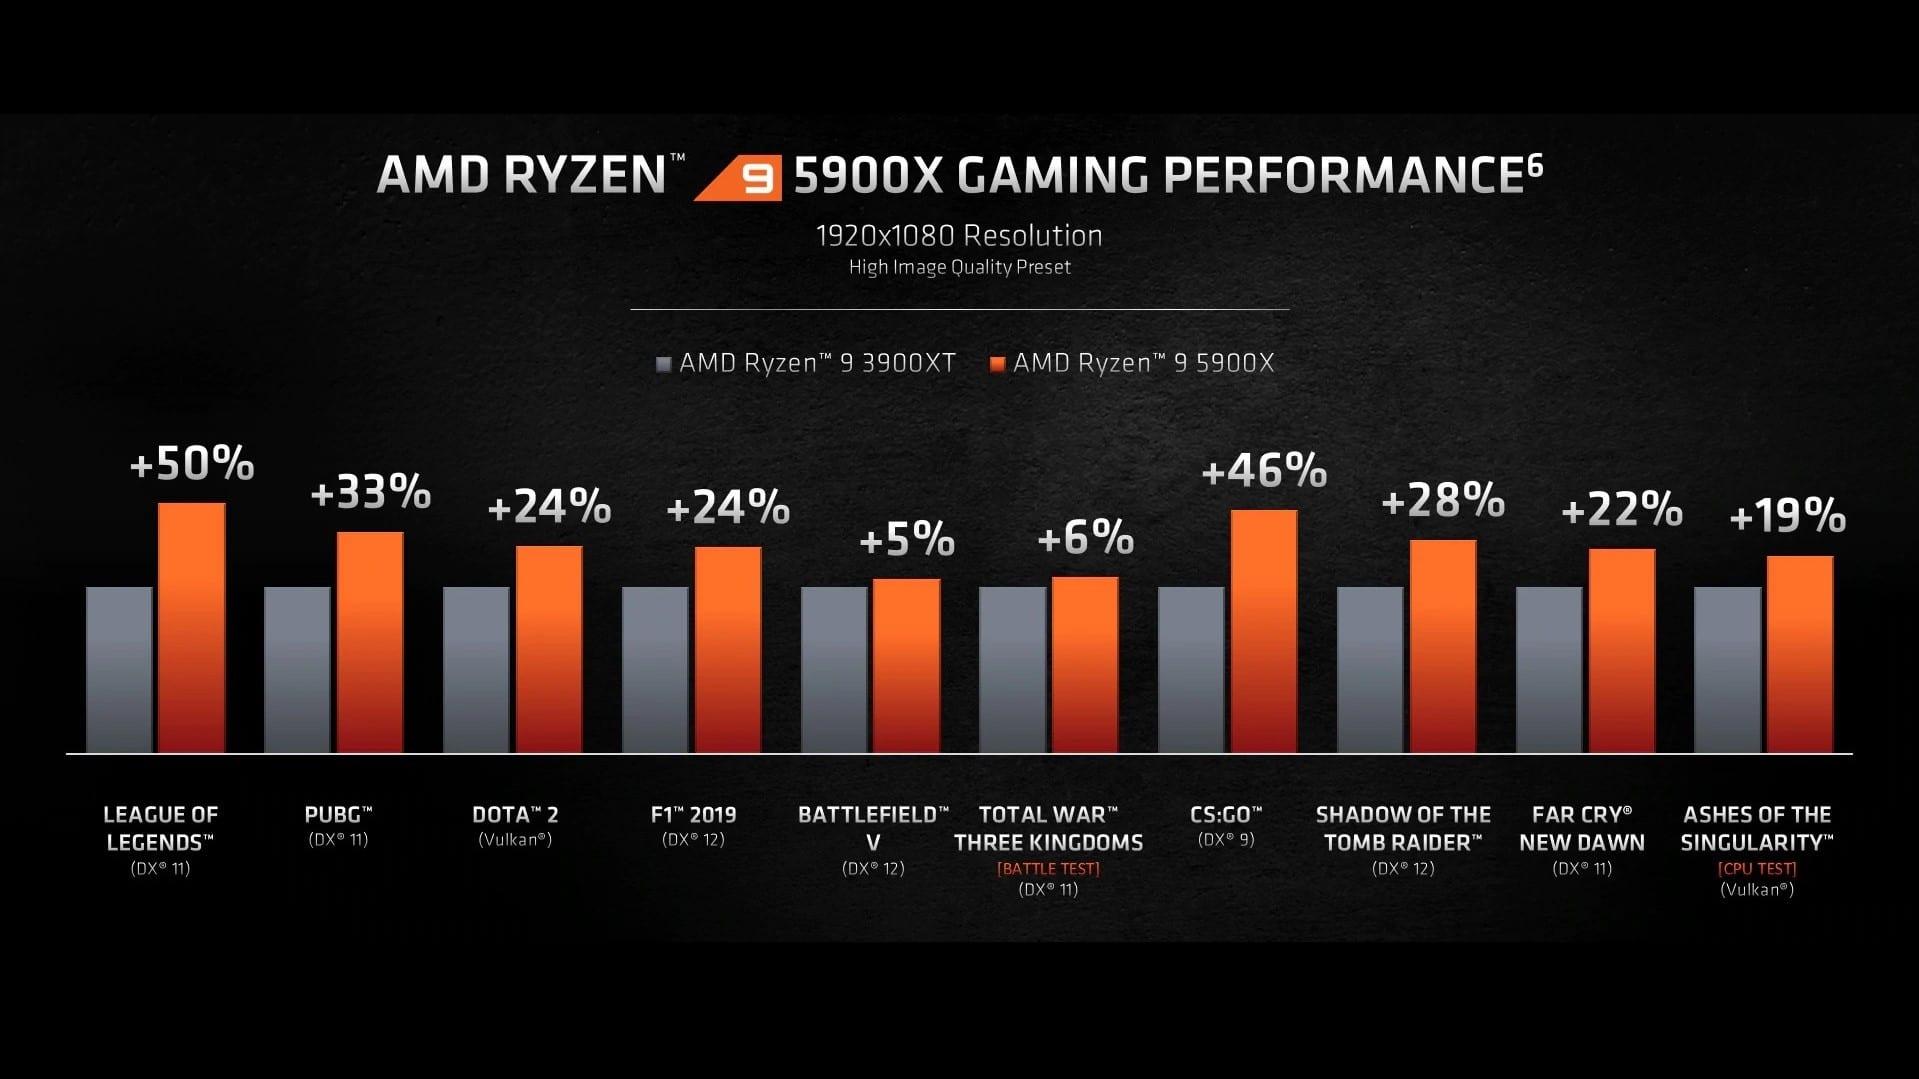 Vergleich AMD Ryzen 9 5900X und Ryzen 9 3900XT